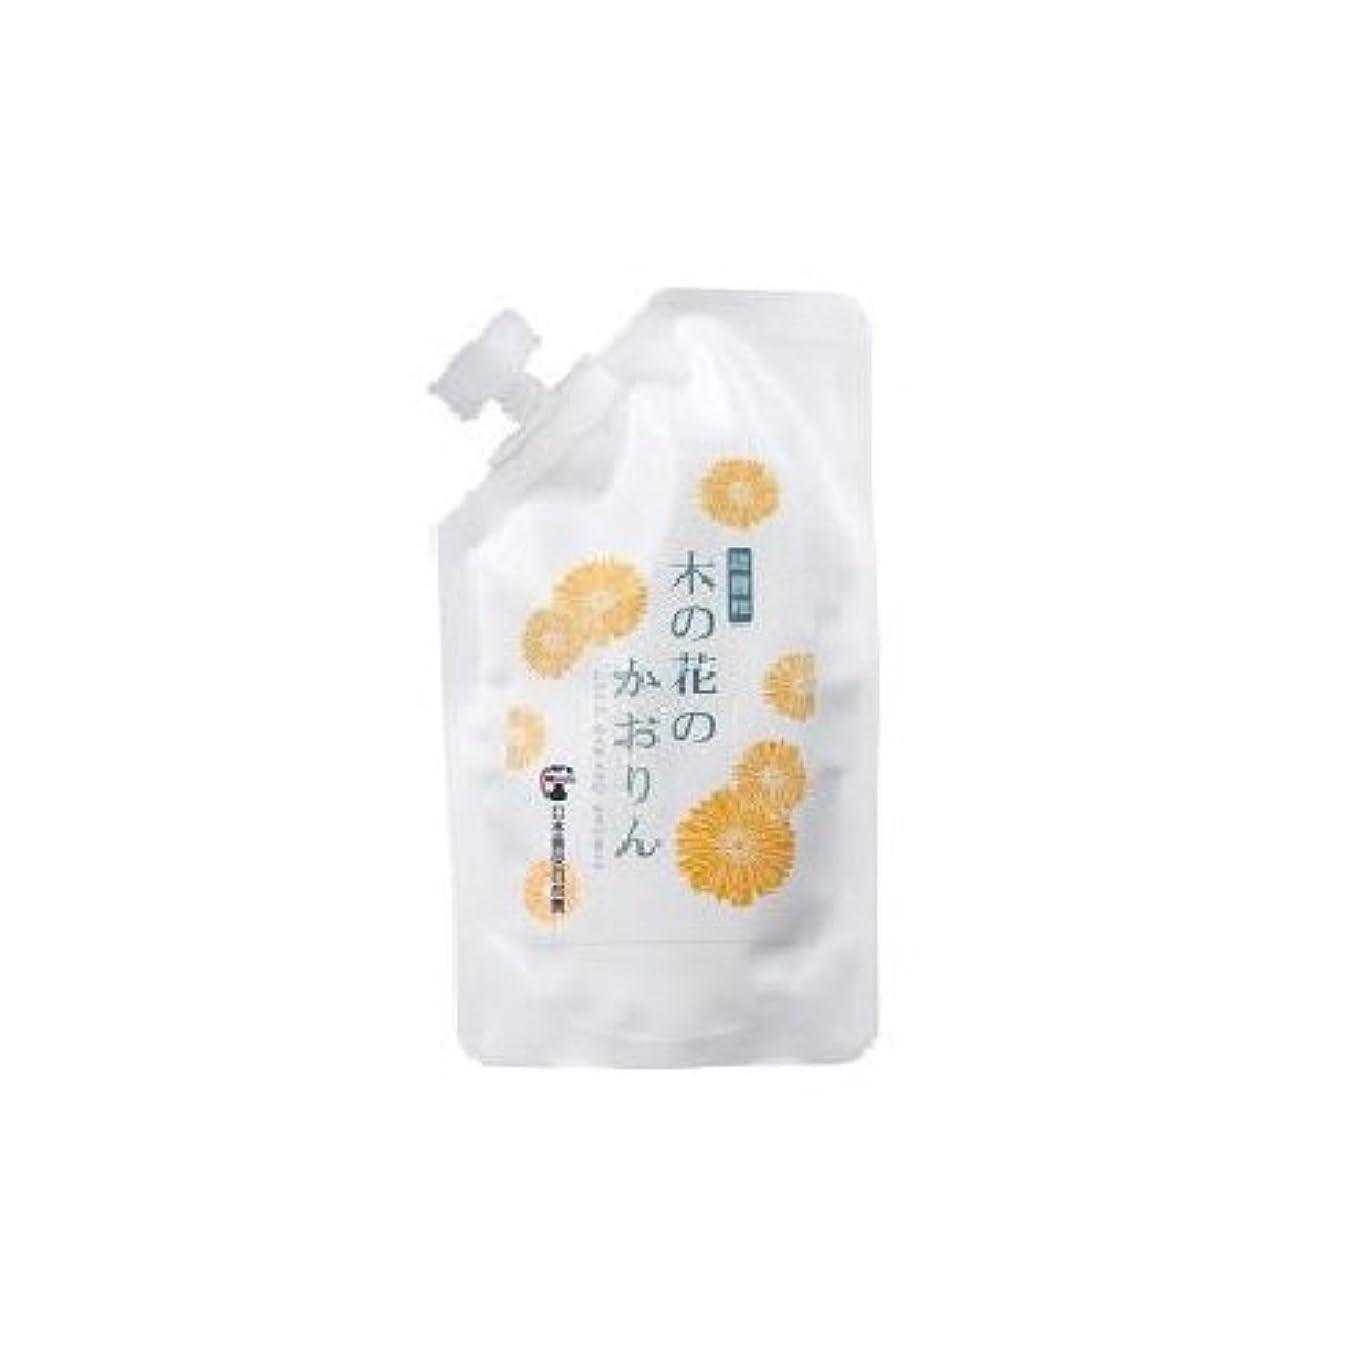 日本豊受自然農 木の花のかおりん(デオドラント)詰替用 100ml